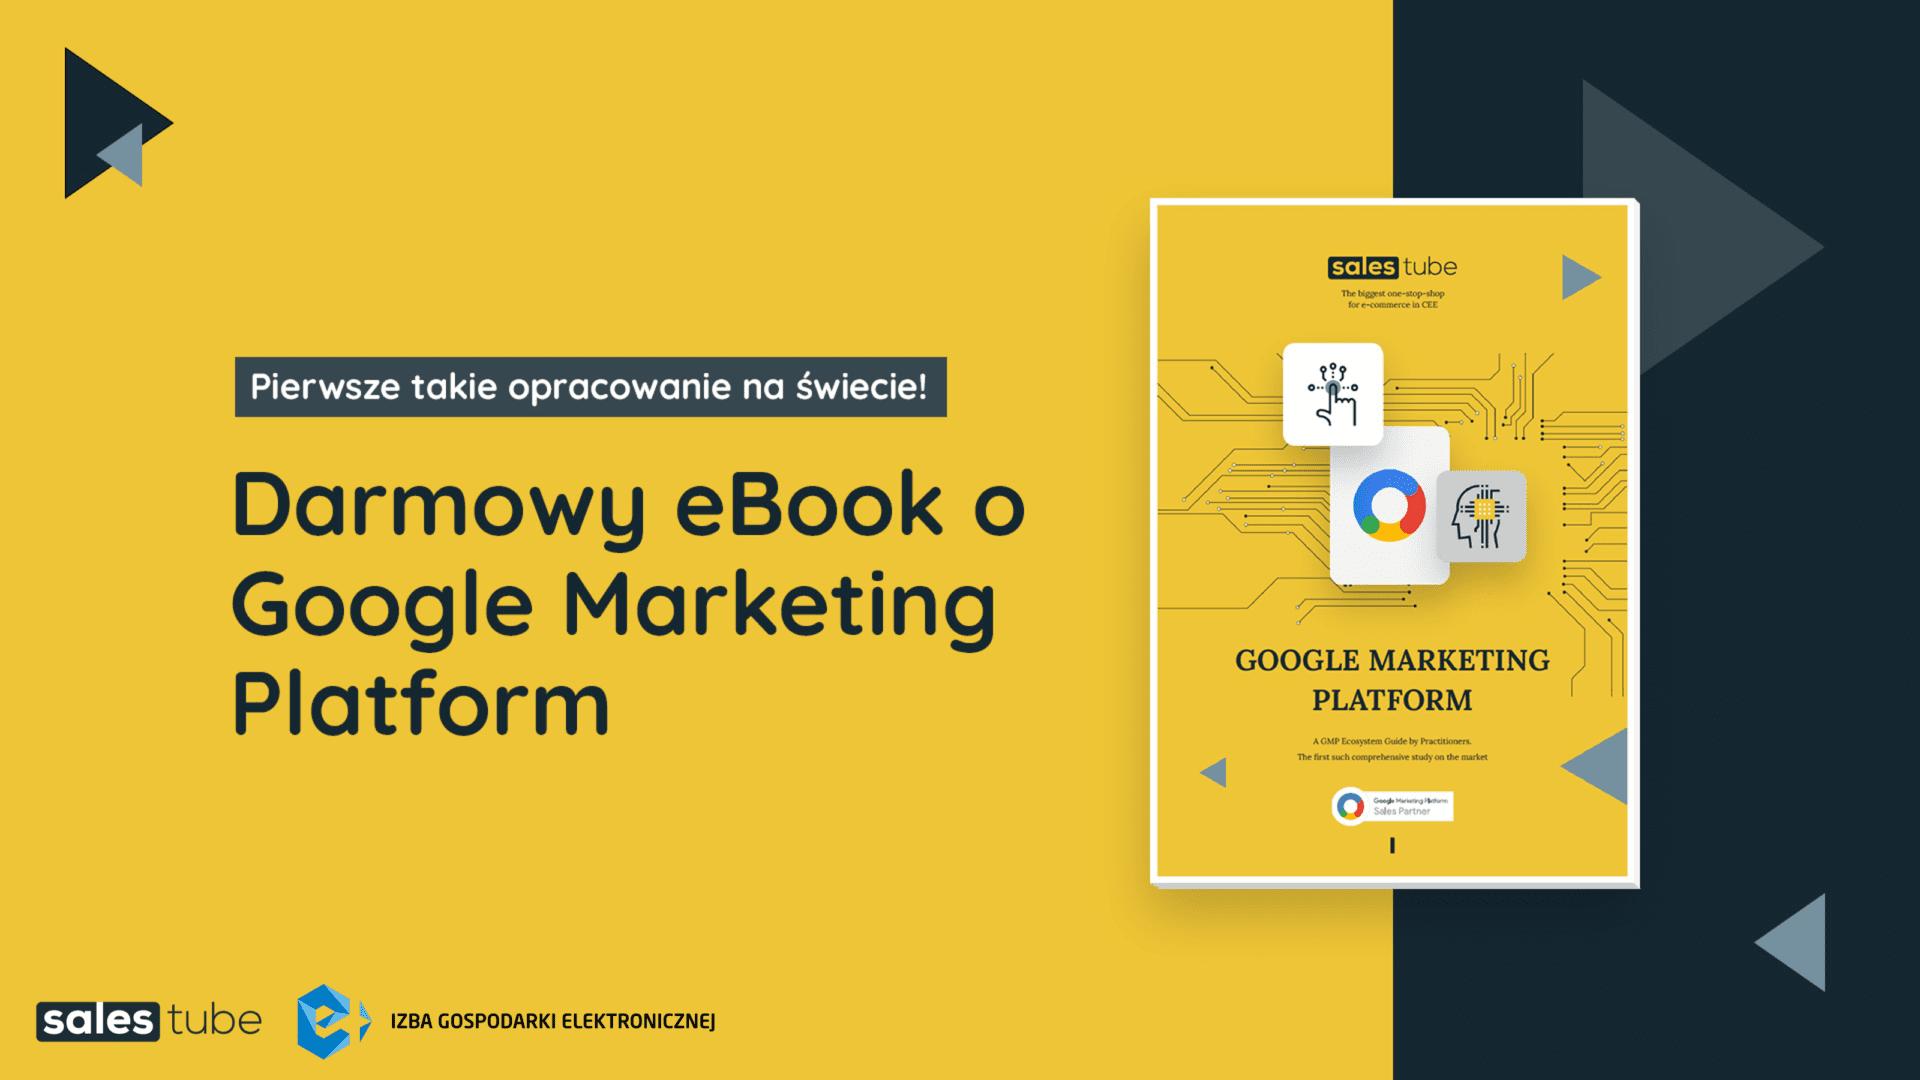 SalesTube wypuszcza unikalny na skalę światową ebook – przewodnik po Google Marketing Platform